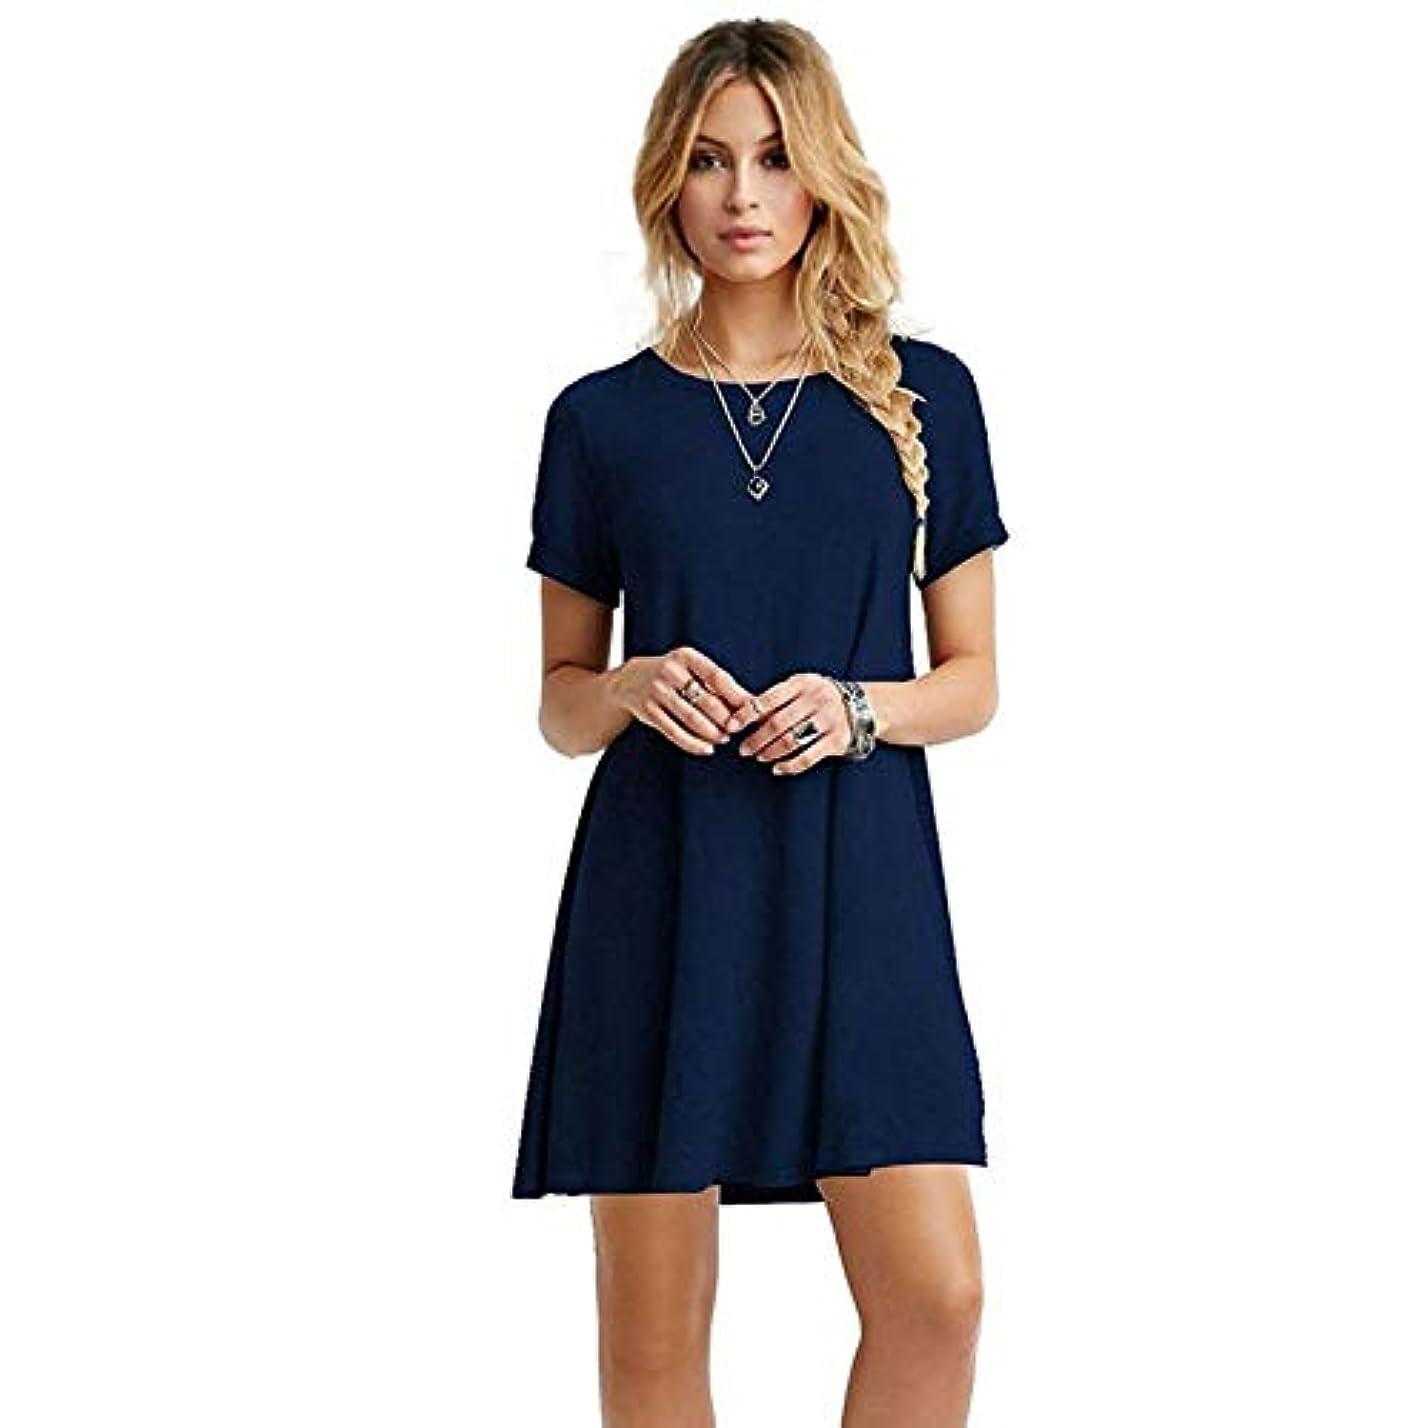 二度スケジュールこねるMIFAN の女性のドレスカジュアルな不規則なドレスルースサマービーチTシャツドレス